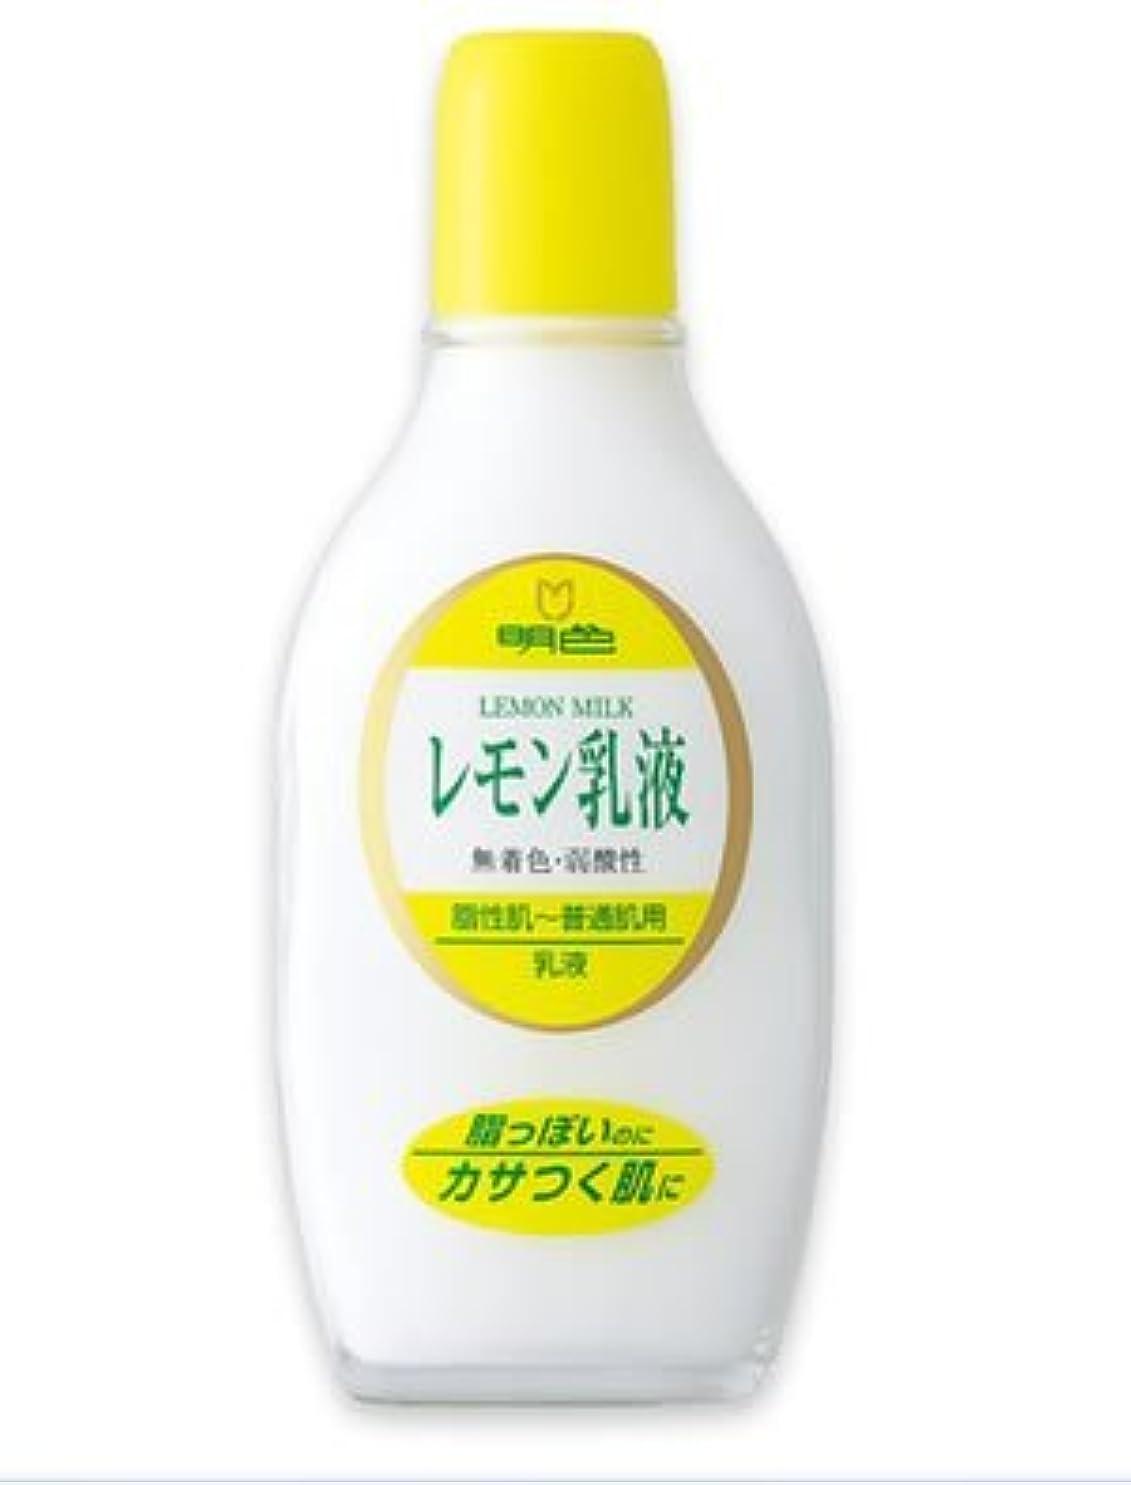 対抗ナンセンス突き刺す(明色)レモン乳液 158ml(お買い得3本セット)